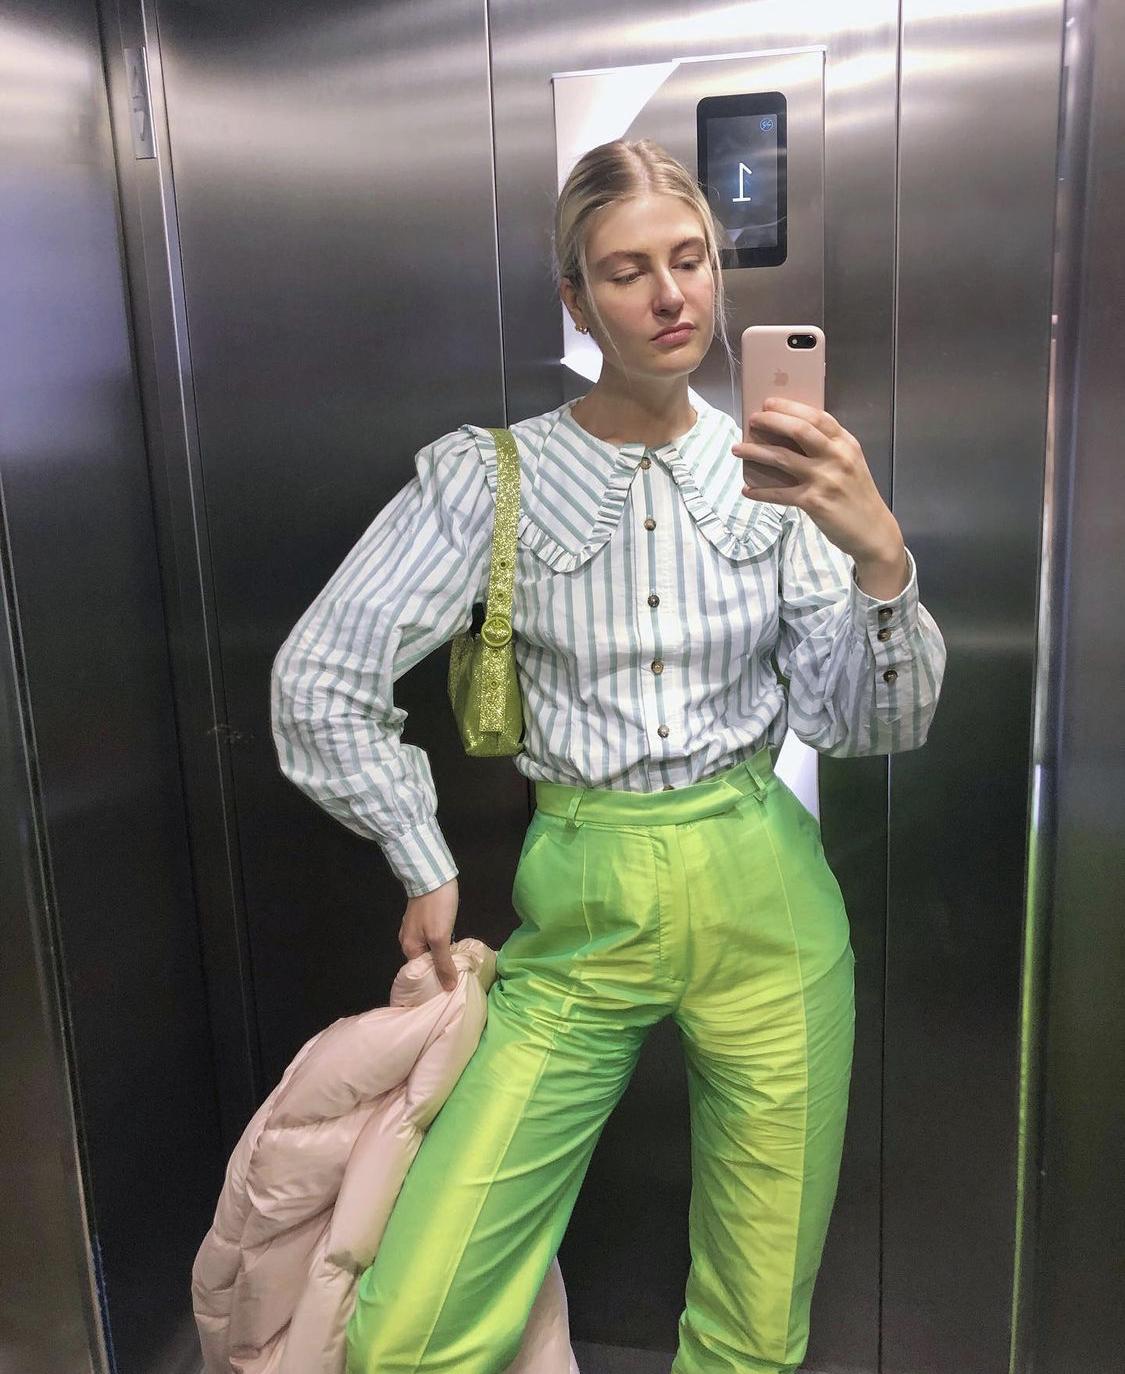 áo cổ peter pan thời trang kẻ sọc